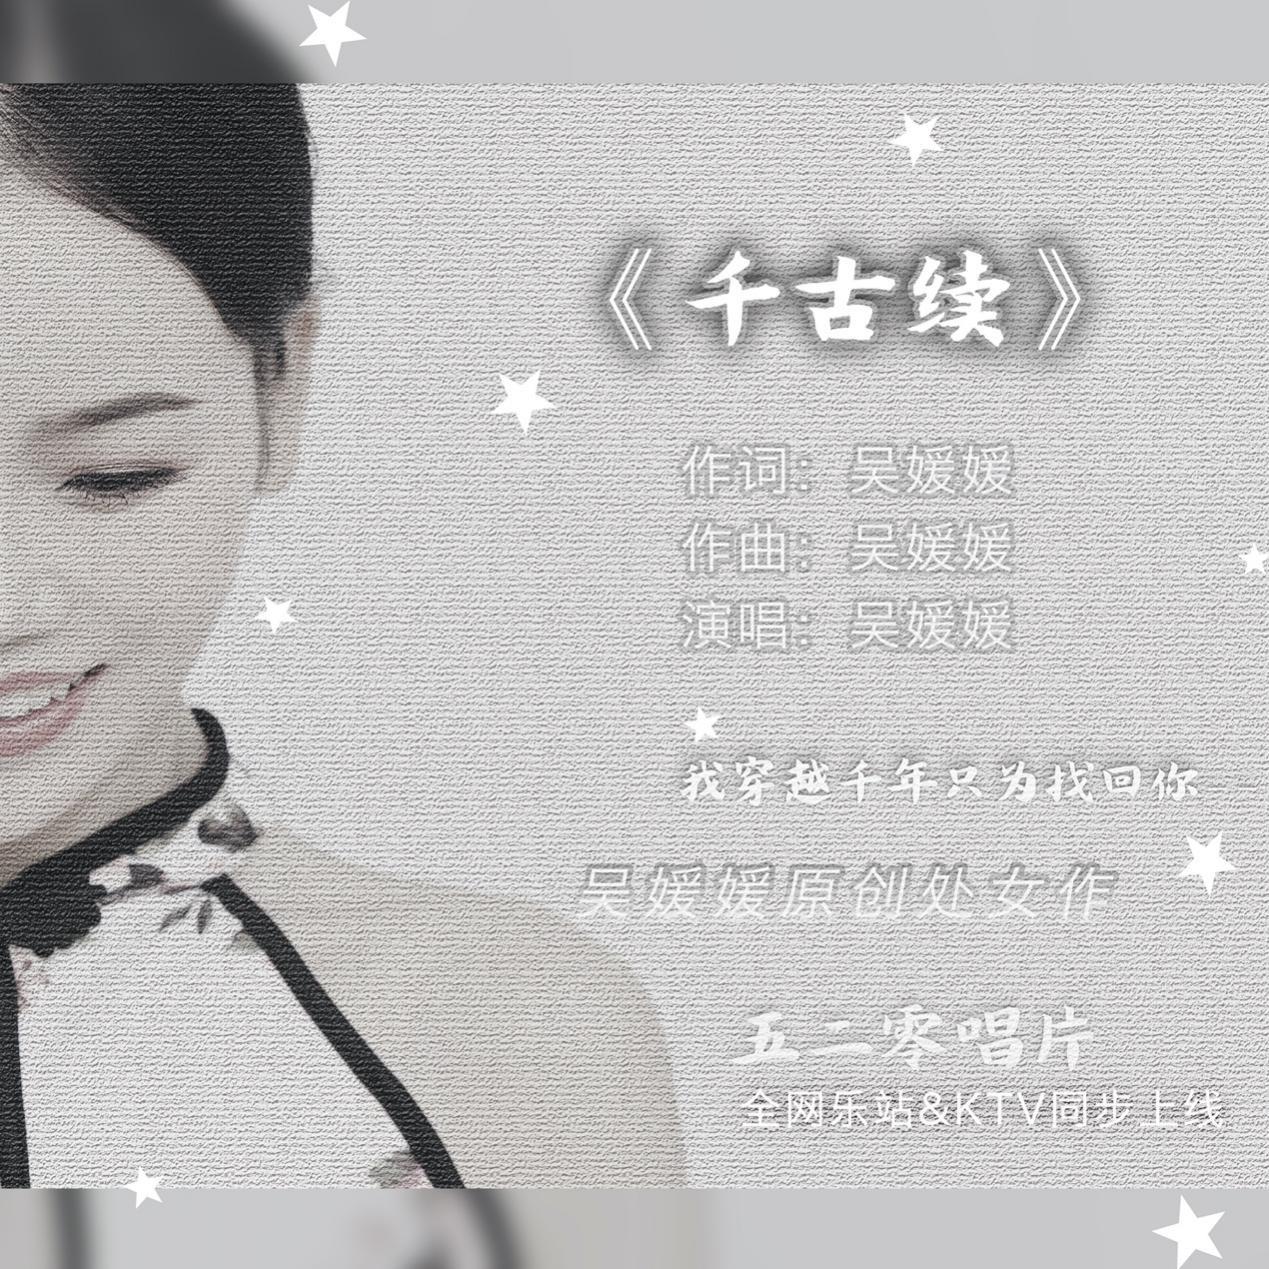 从灰姑娘到直播创业女神,吴媛媛经历了怎样的蜕变?